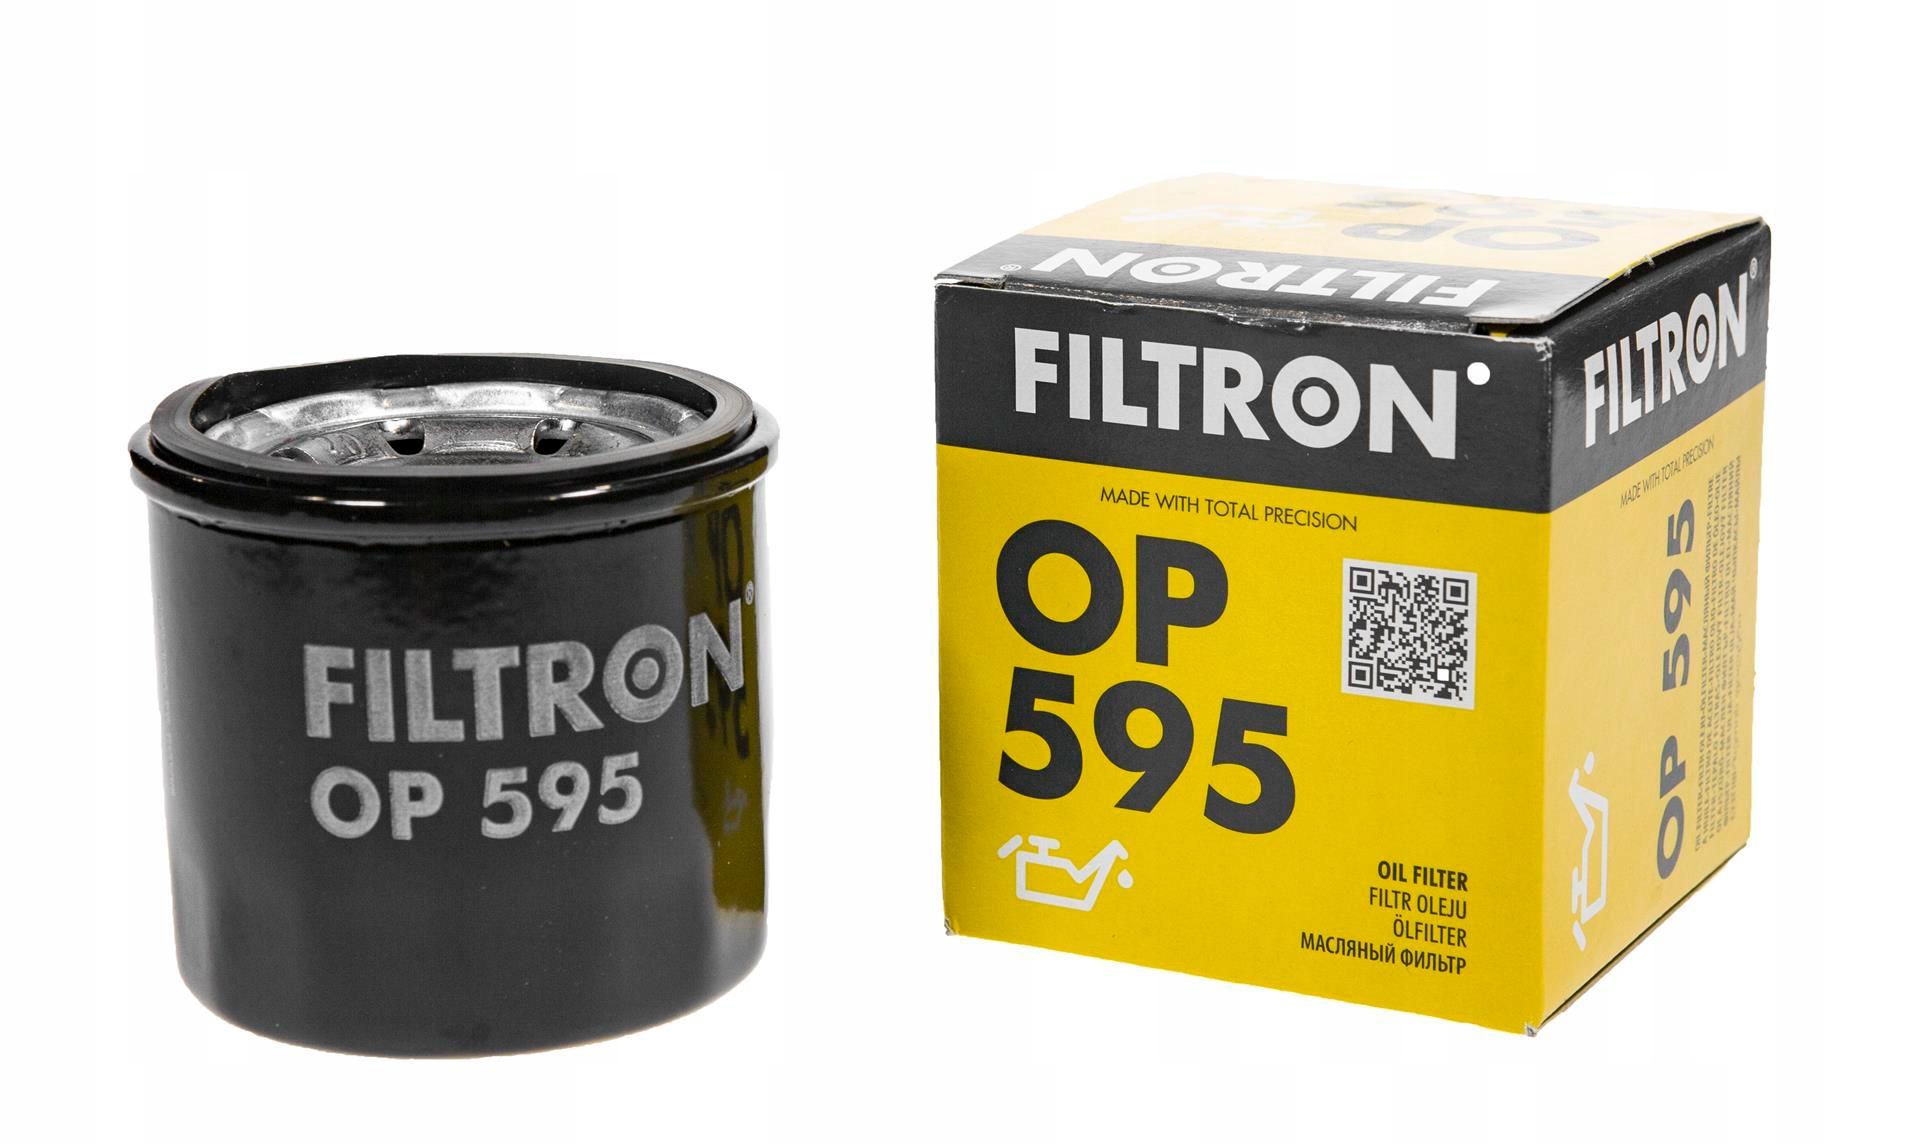 фильтр масла filtron кол-во в упак 595